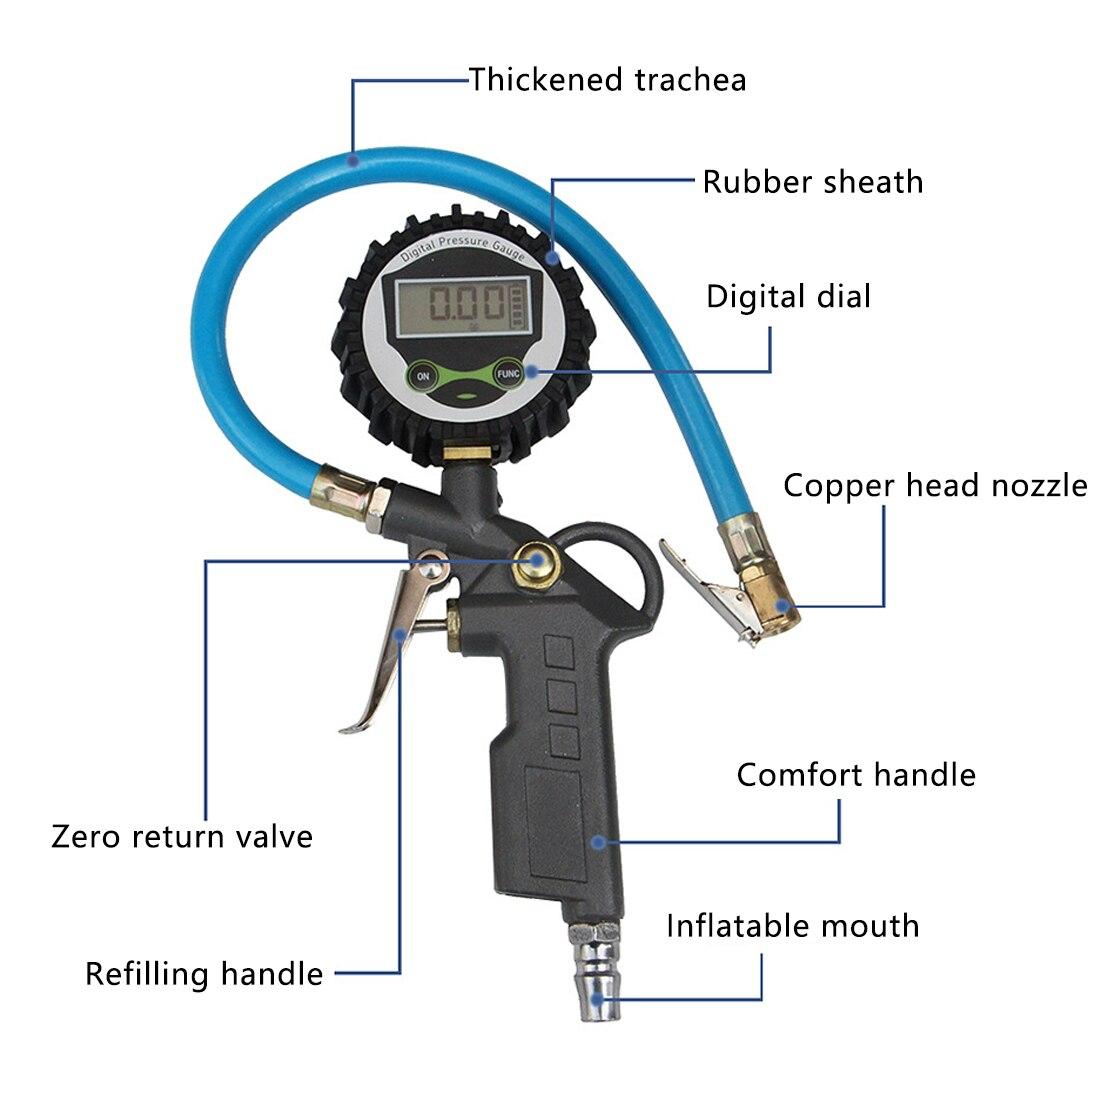 0-220 фунтов/кв. дюйм 0-16 бар монитор давления в шинах манометр автомобильный Автомобильный грузовик Надувное колесо с манометром измеритель д...